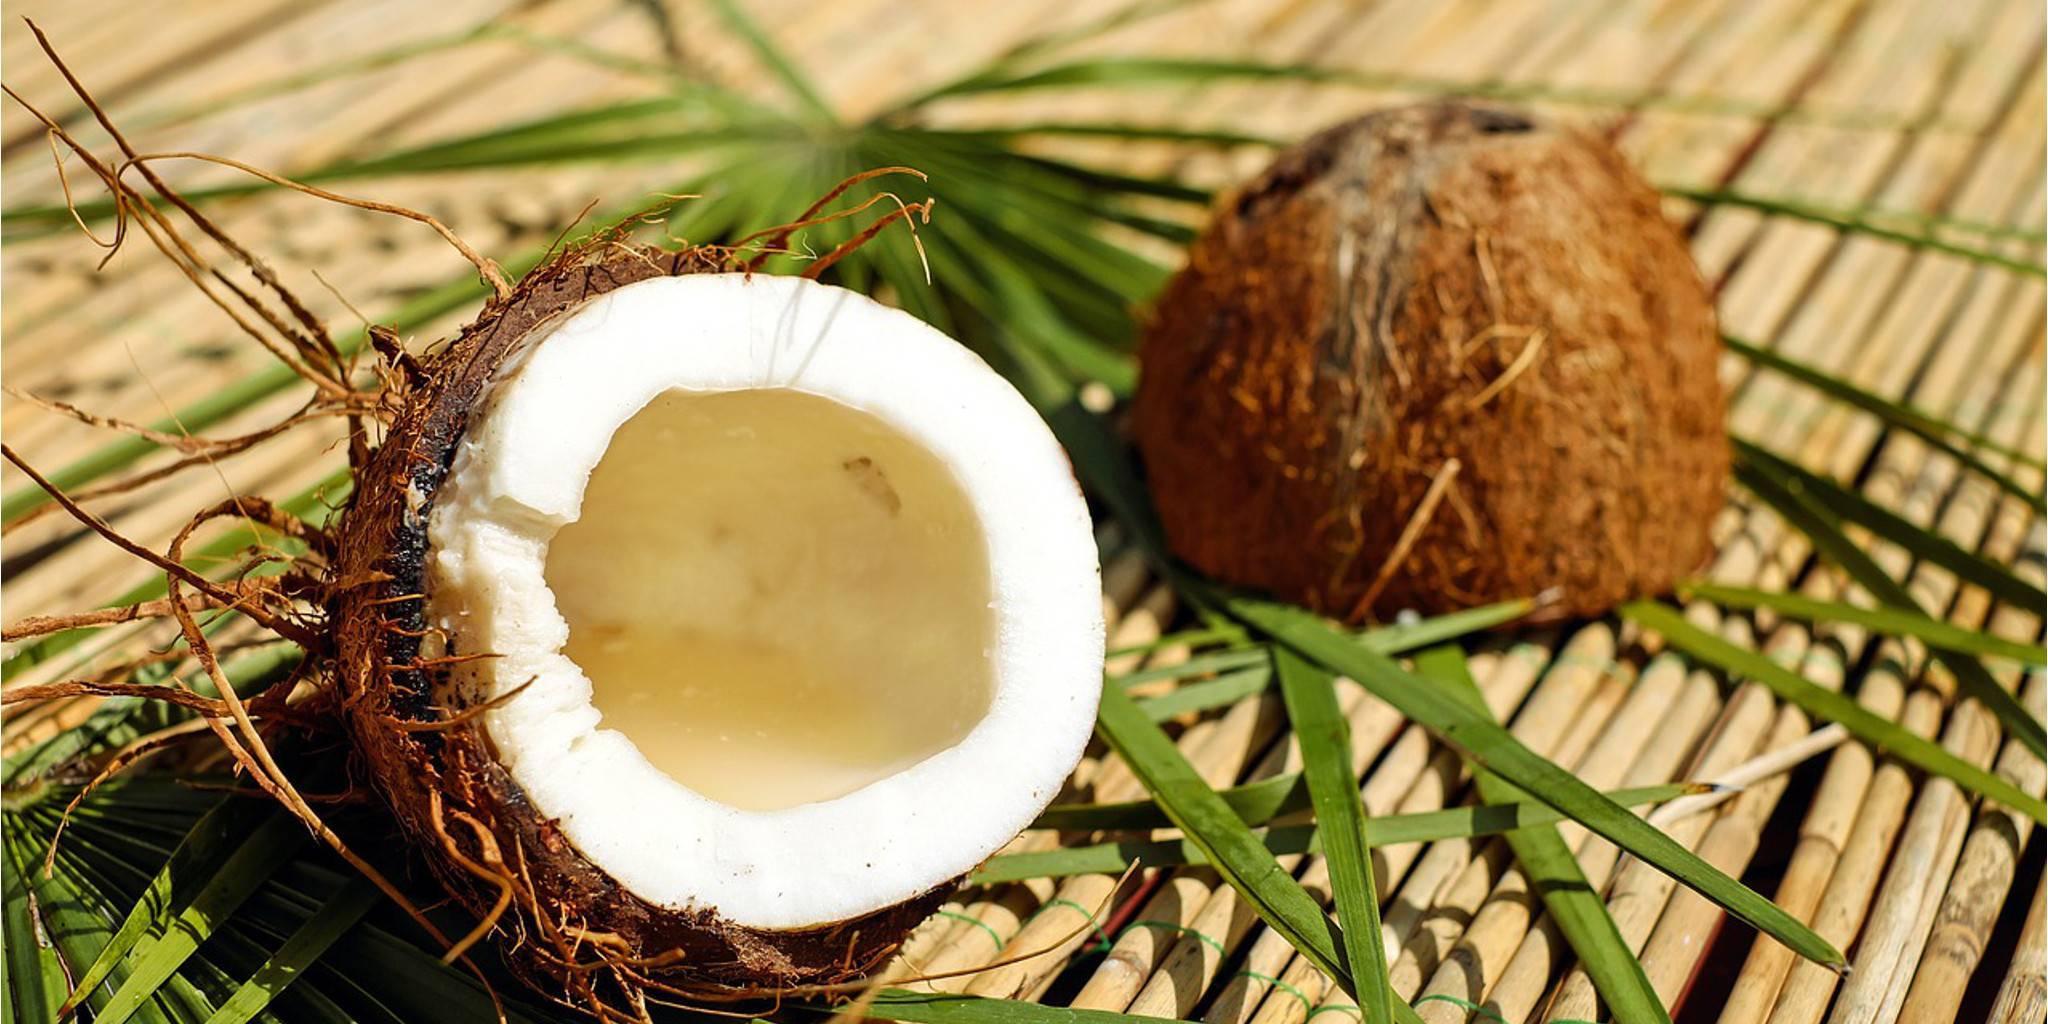 Как хранить кокос, также после вскрытия, чтобы не было плесени внутри, долго ли может не испортиться очищенный плод, его мякоть и стружка, сколько срок сберегания?